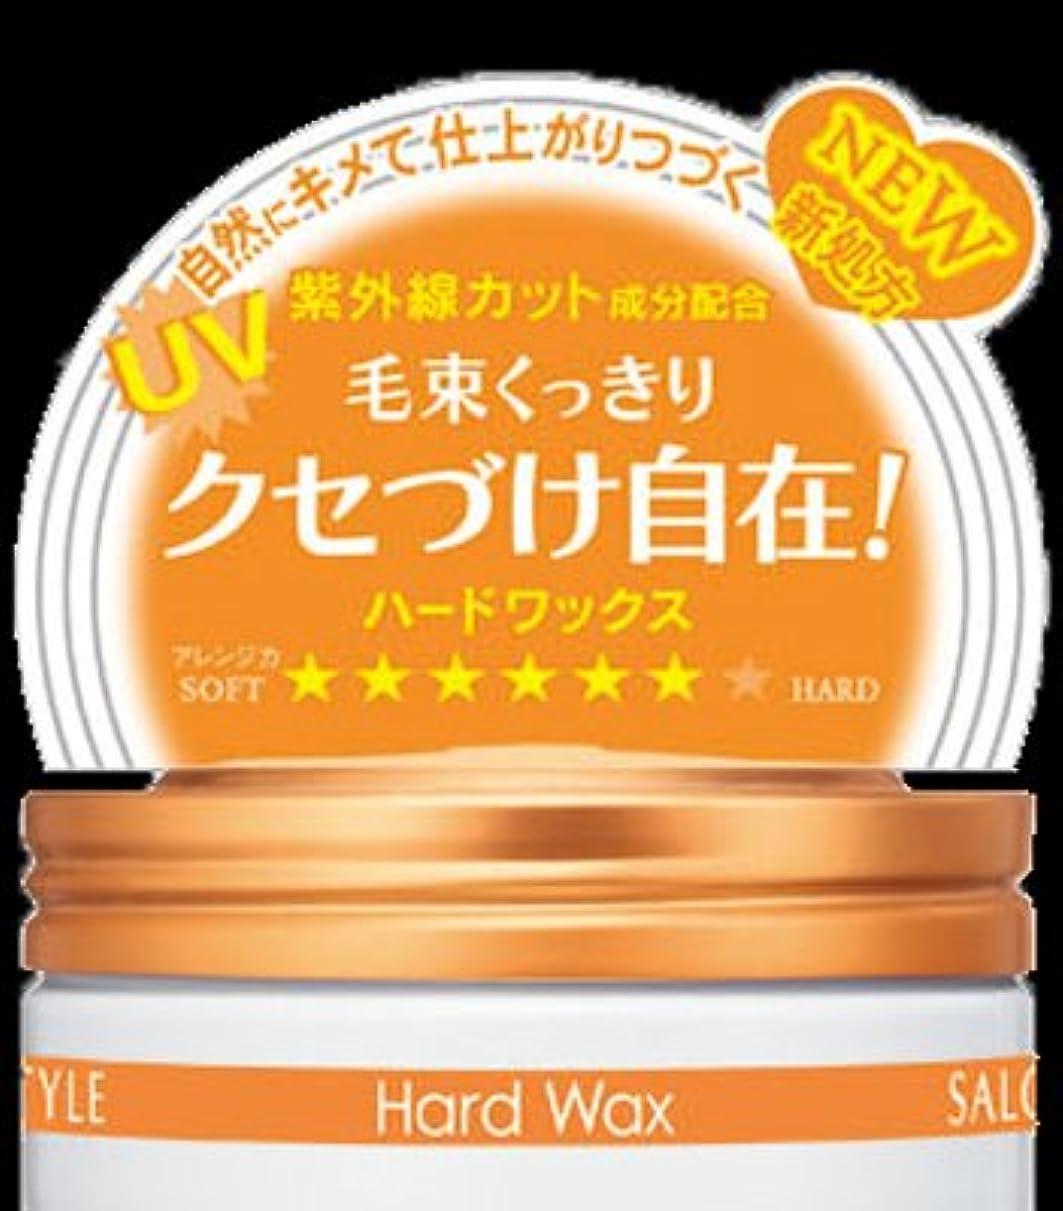 ポット事実極めてコーセー サロンスタイル ヘアワックスC ハード 75g さわやかなフルーティフローラルの香り×48点セット (4971710313574)